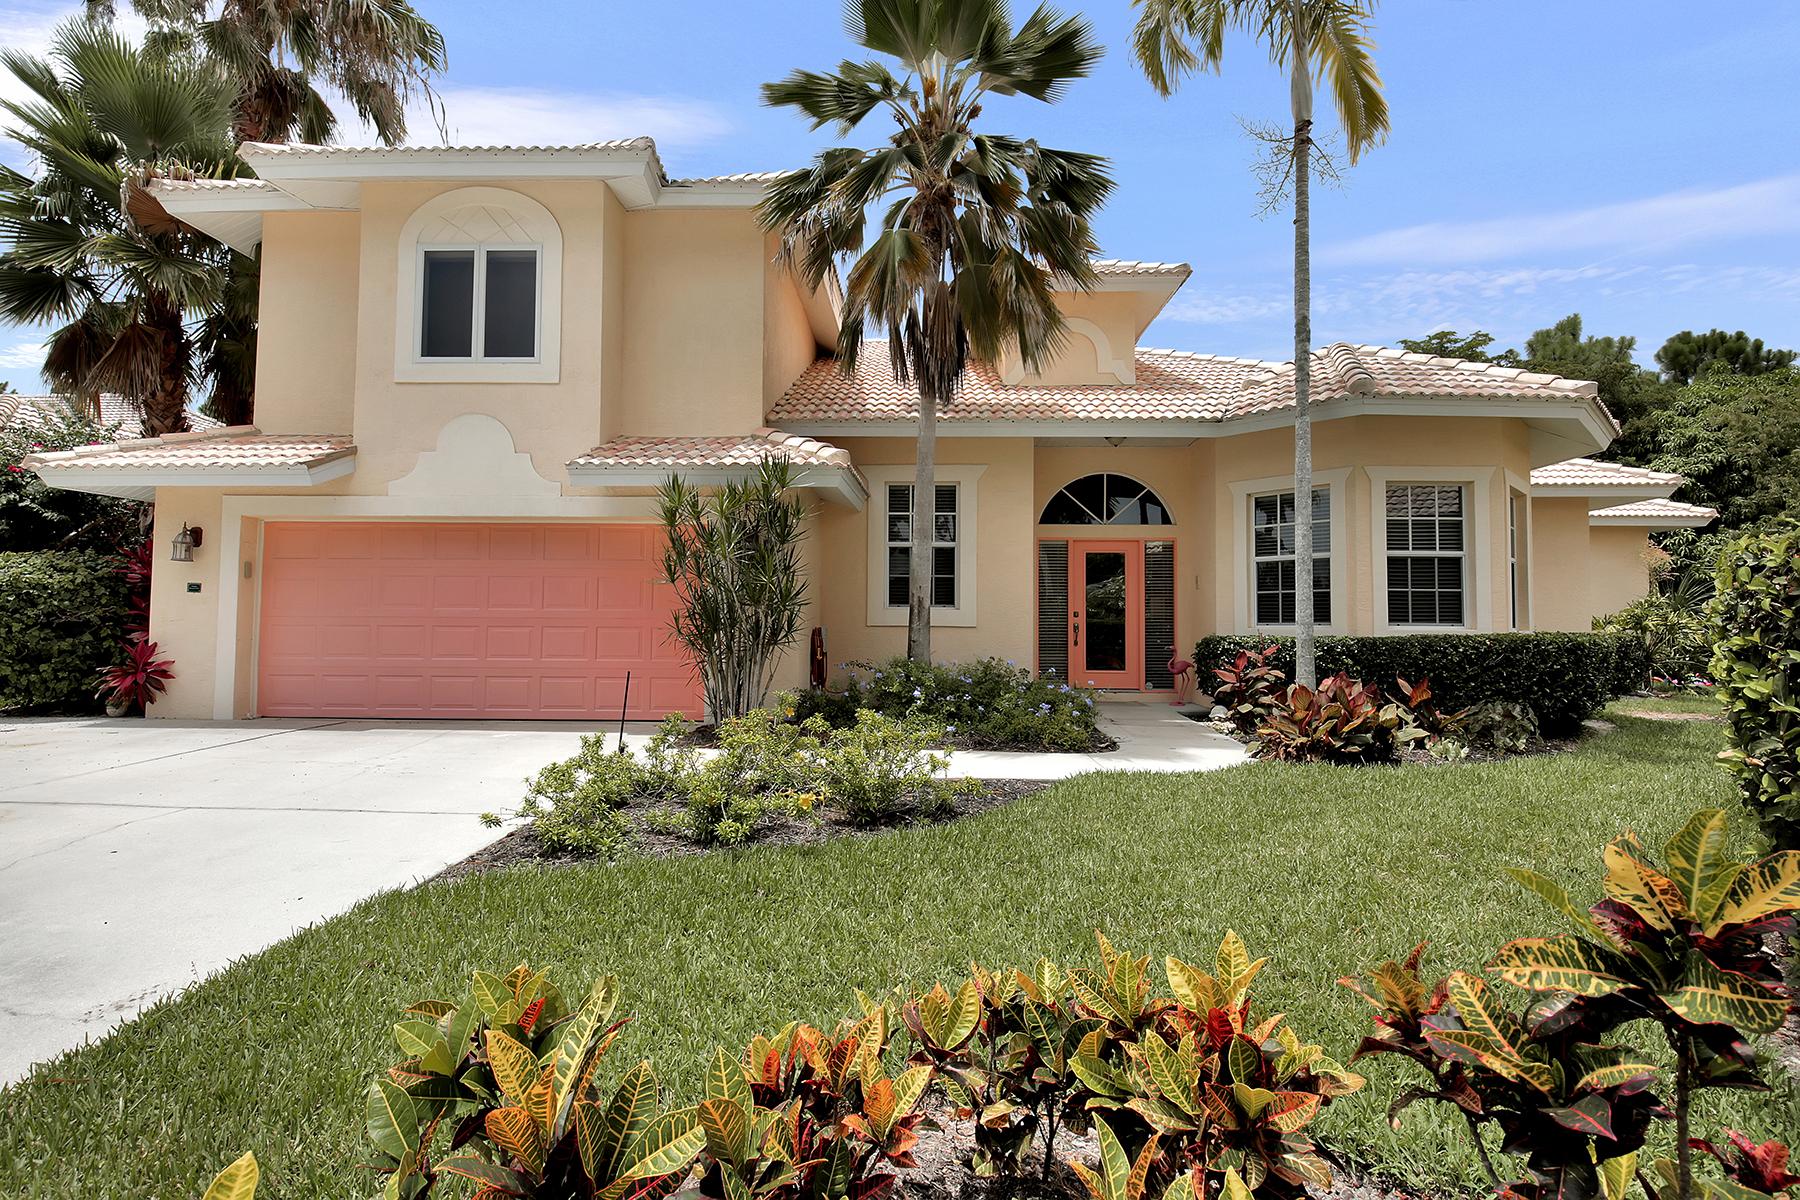 独户住宅 为 销售 在 CASA DEL VIDA 657 Soliel Dr Naples, 佛罗里达州 34110 美国